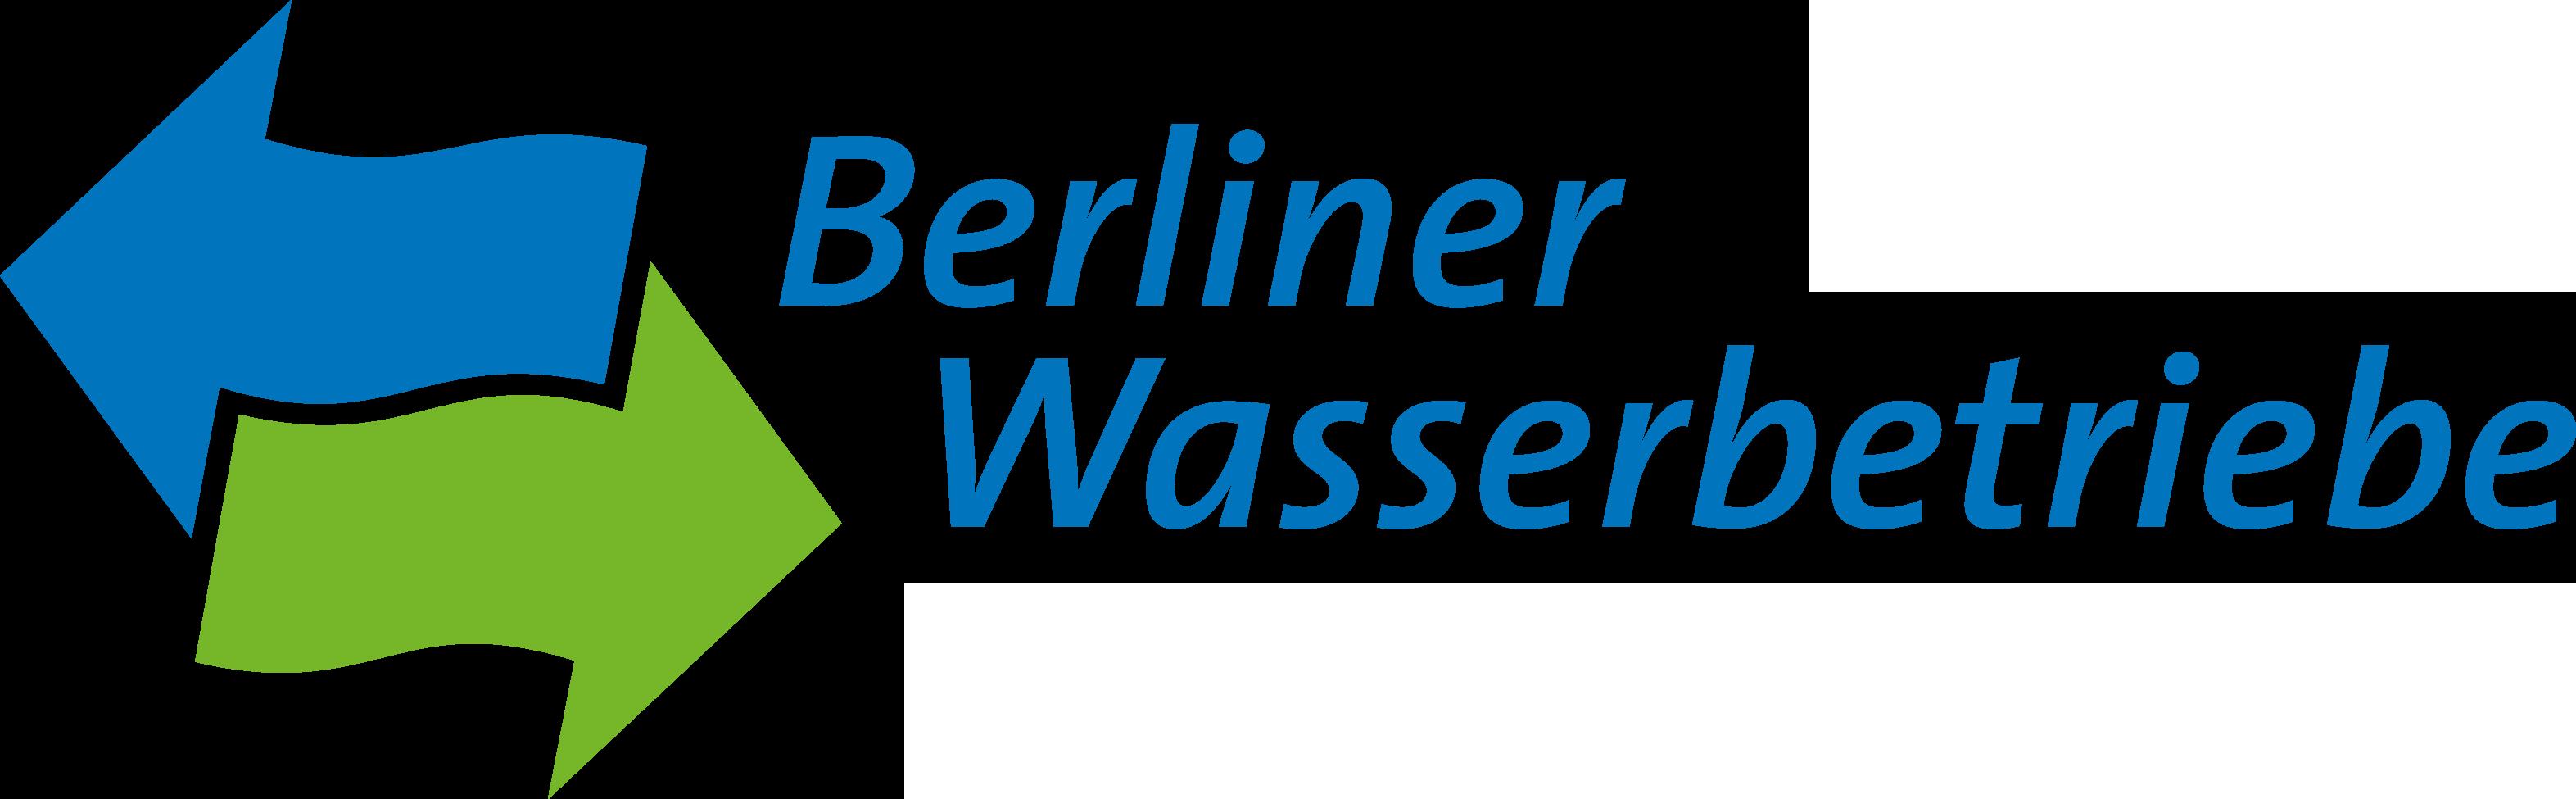 Beriner Wasserbetriebe Logo